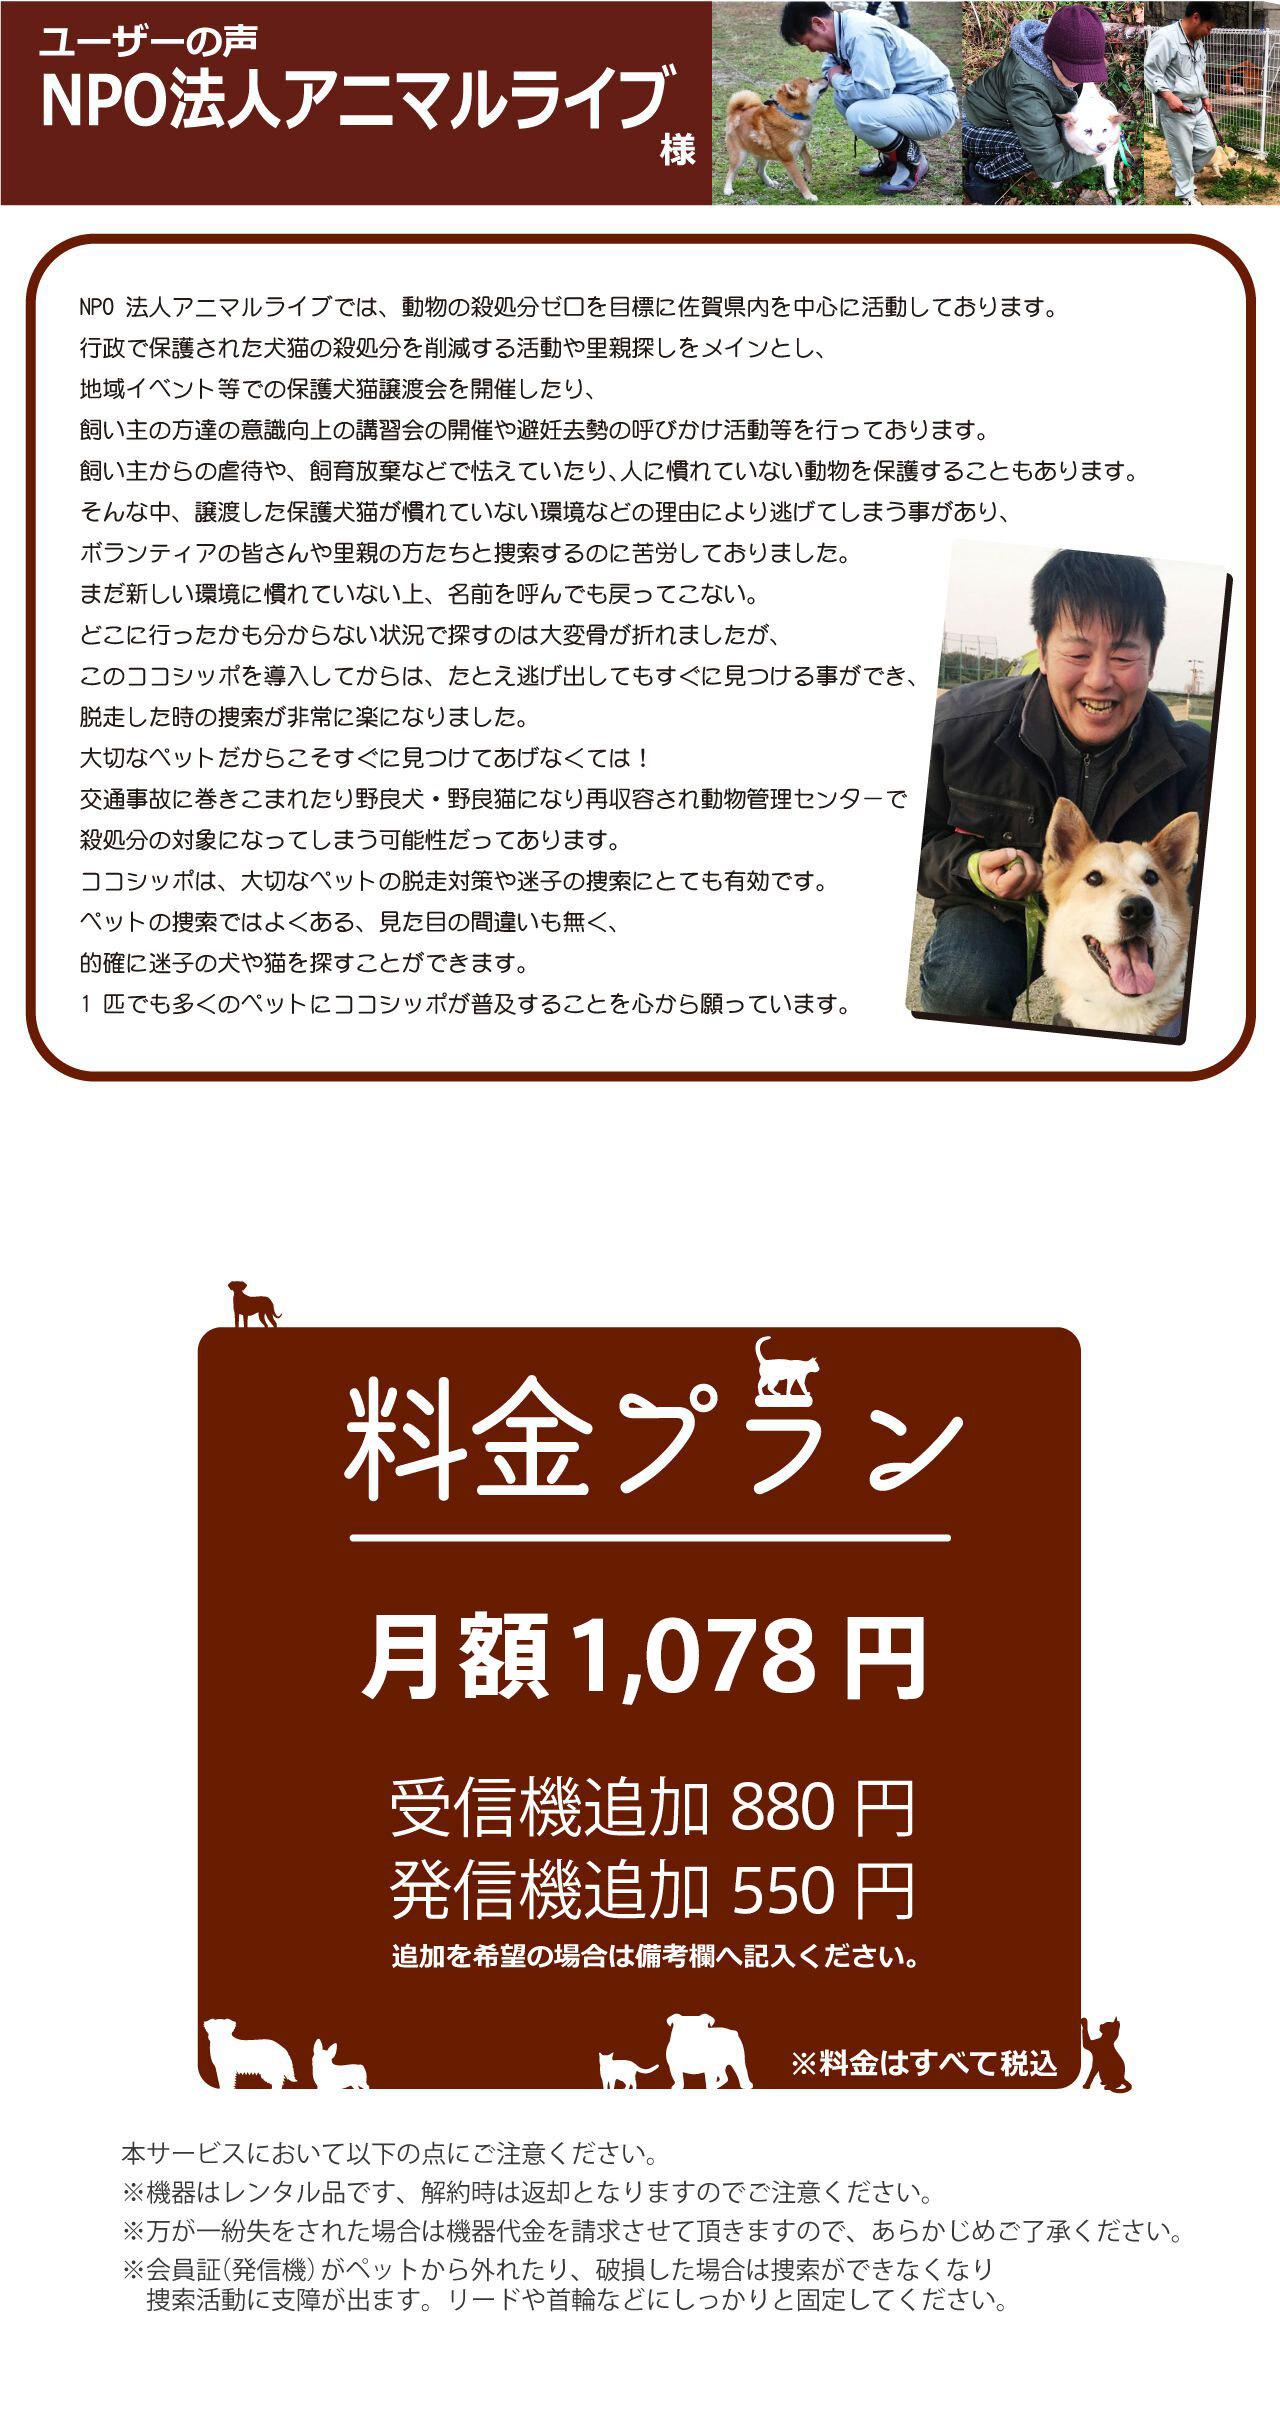 ユーザーの声、NPO 法人アニマルライブでは、動物の殺処分ゼロを目標に佐賀県内を中心に活動しております。行政で保護された犬猫の殺処分を削減する活動や里親探しをメインとし、地域イベント等での保護犬猫譲渡会を開催したり、飼い主の方達の意識向上の講習会の開催や避妊去勢の呼びかけ活動等を行っております。飼い主からの虐待や、飼育放棄などで怯えていたり、人に慣れていない動物を保護することもあります。そんな中、譲渡した保護犬猫が慣れていない環境などの理由により逃げてしまう事があり、ボランティアの皆さんや里親の方たちと捜索するのに苦労しておりました。まだ新しい環境に慣れていない上、名前を呼んでも戻ってこない。どこに行ったかも分からない状況で探すのは大変骨が折れましたが、このココシッポを導入してからは、たとえ逃げ出してもすぐに見つける事ができ、脱走した時の捜索が非常に楽になりました。大切なペットだからこそすぐに見つけてあげなくては!交通事故に巻きこまれたり野良犬・野良猫になり再収容され動物管理センターで殺処分の対象になってしまう可能性だってあります。ココシッポは、大切なペットの脱走対策や迷子の捜索にとても有効です。ペットの捜索ではよくある、見た目の間違いも無く、 的確に迷子の犬や猫を探すことができます。1 匹でも多くのペットにココシッポが普及することを心から願っています。料金は月額980円(税抜き)受信機と発信機の追加も可能です。